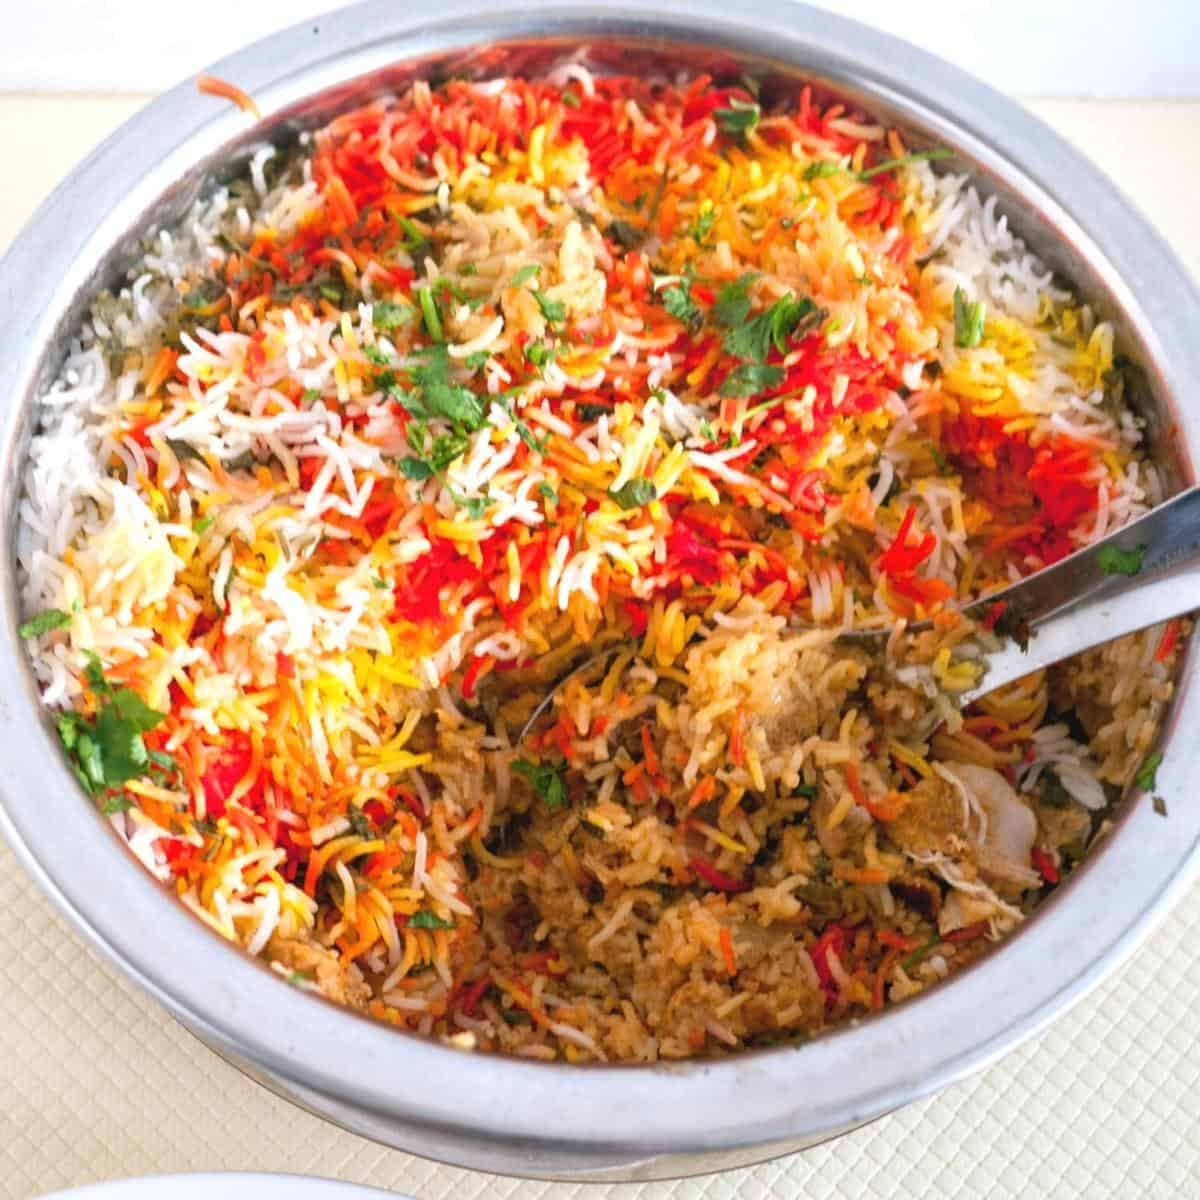 Hyderabad Dum Biryani Pot with chicken.